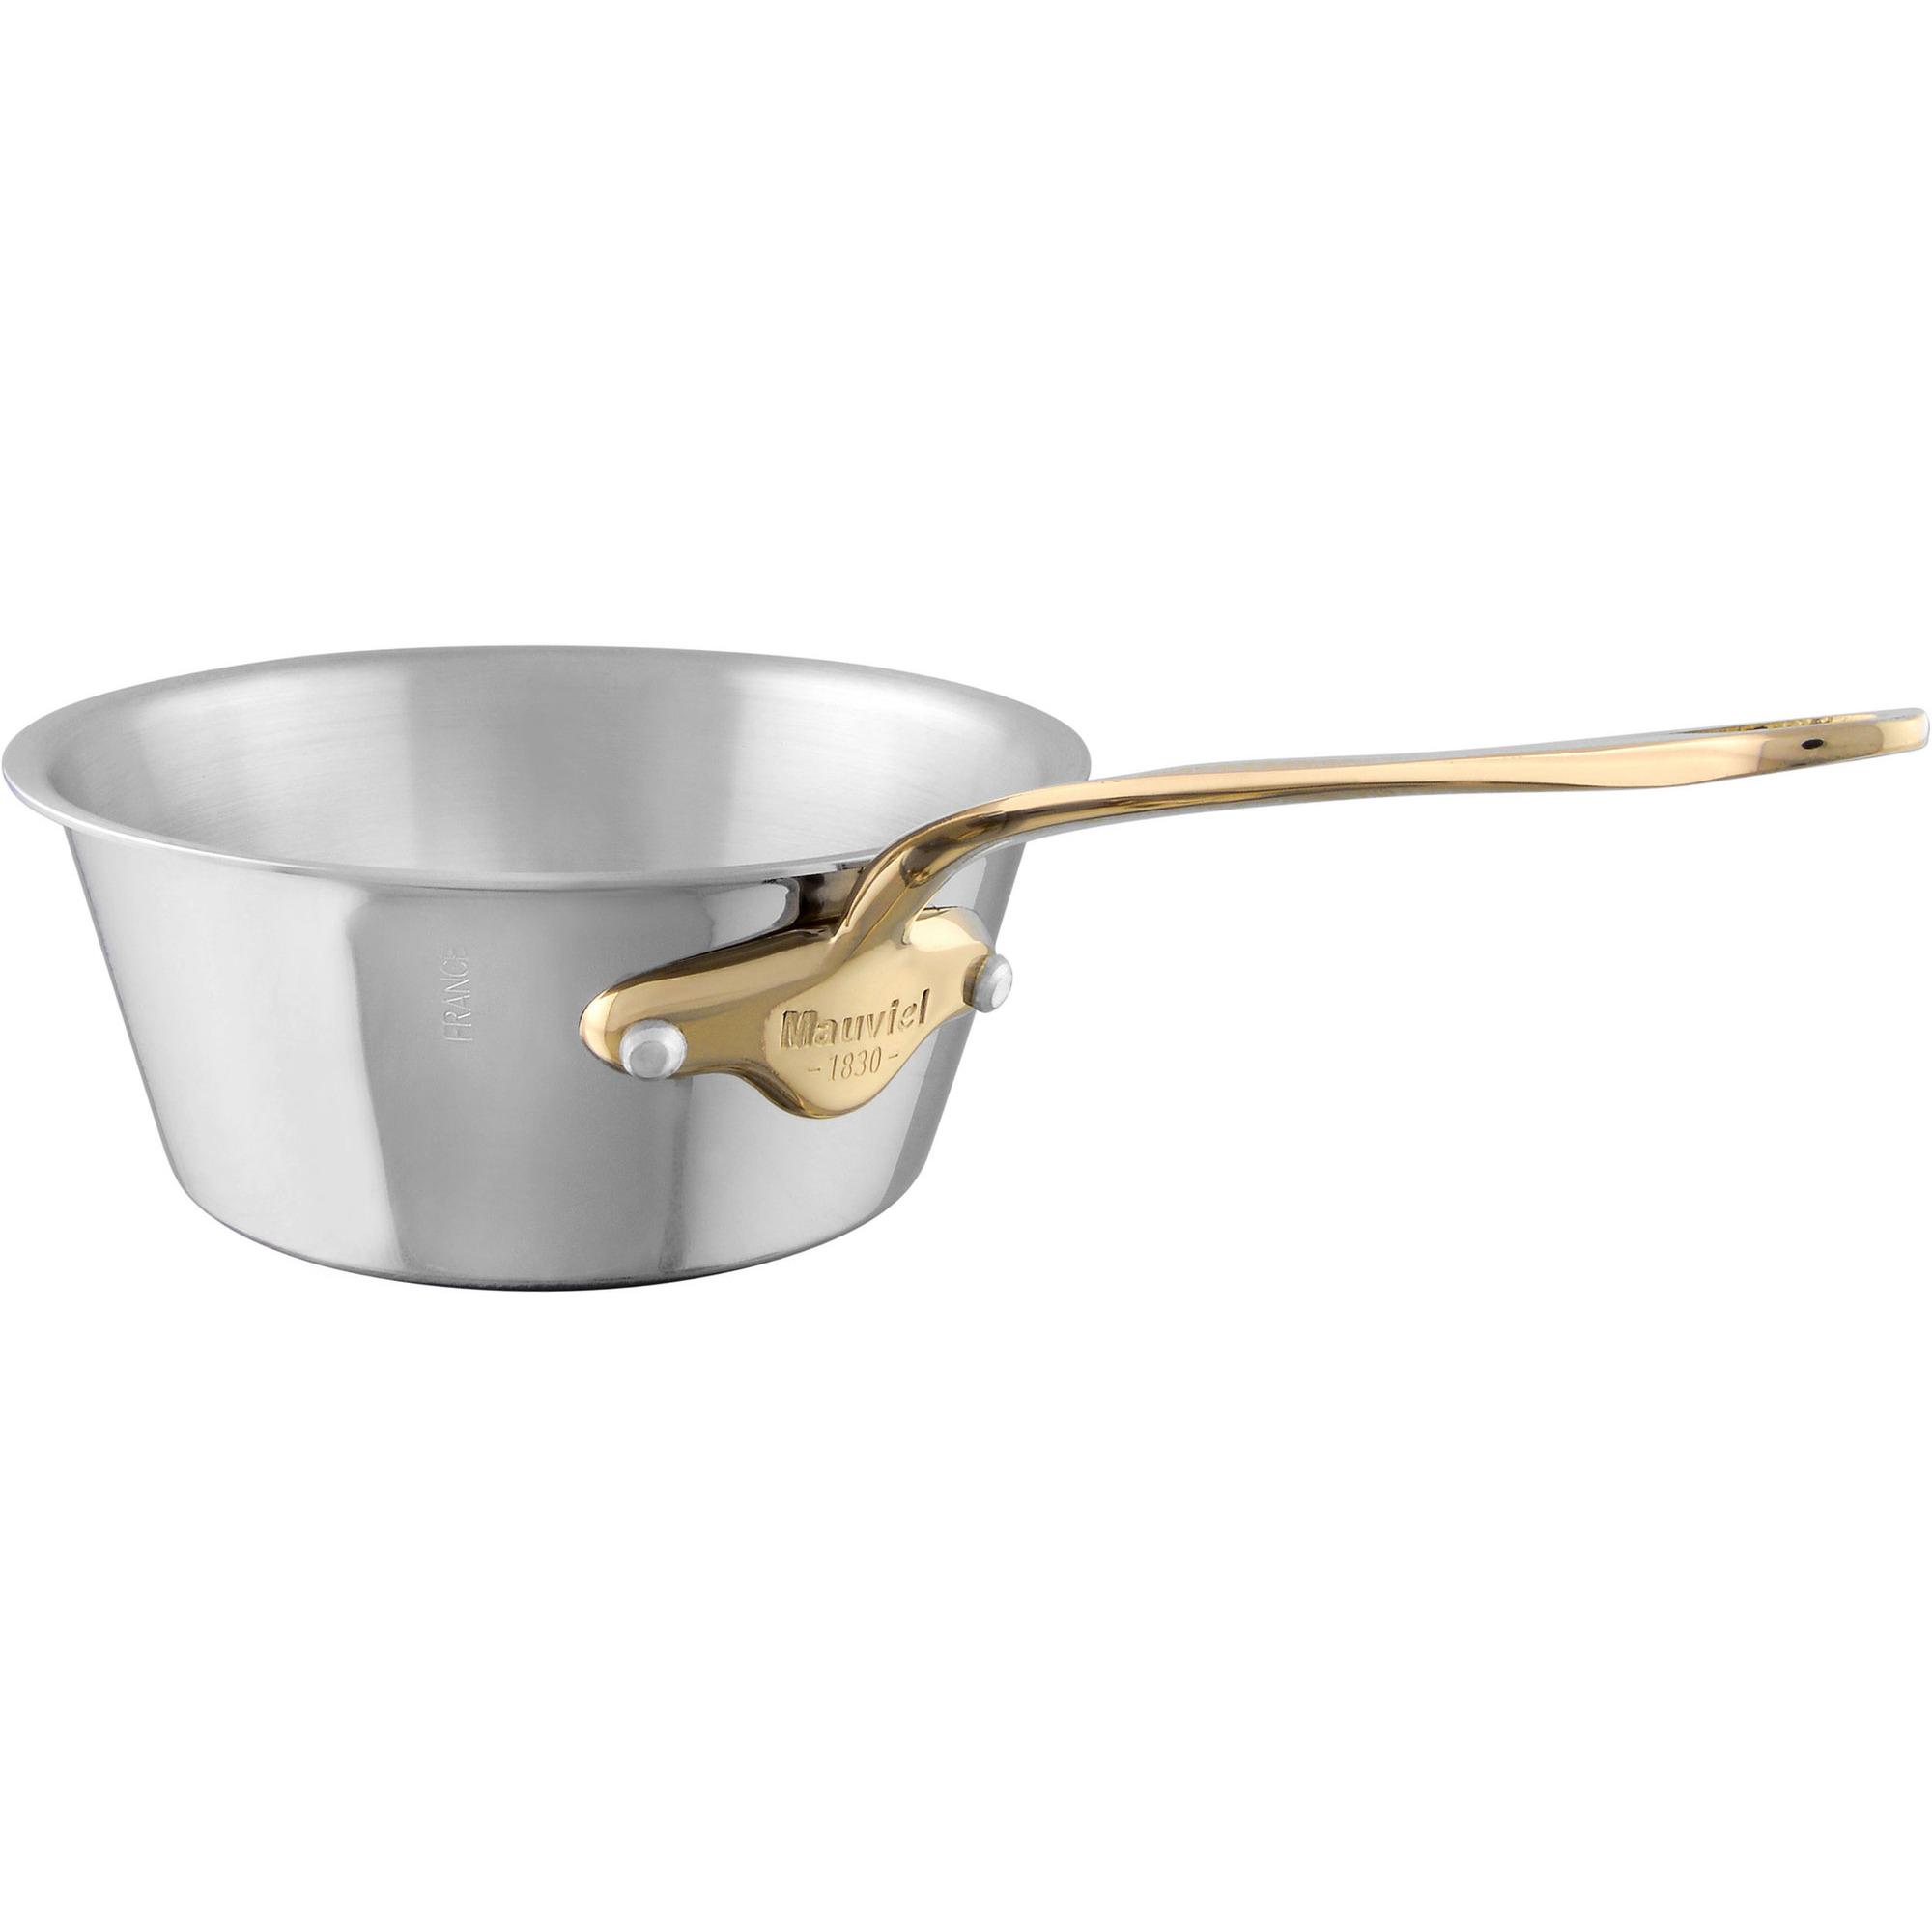 Mauviel Cook Style Sautépanna Konisk